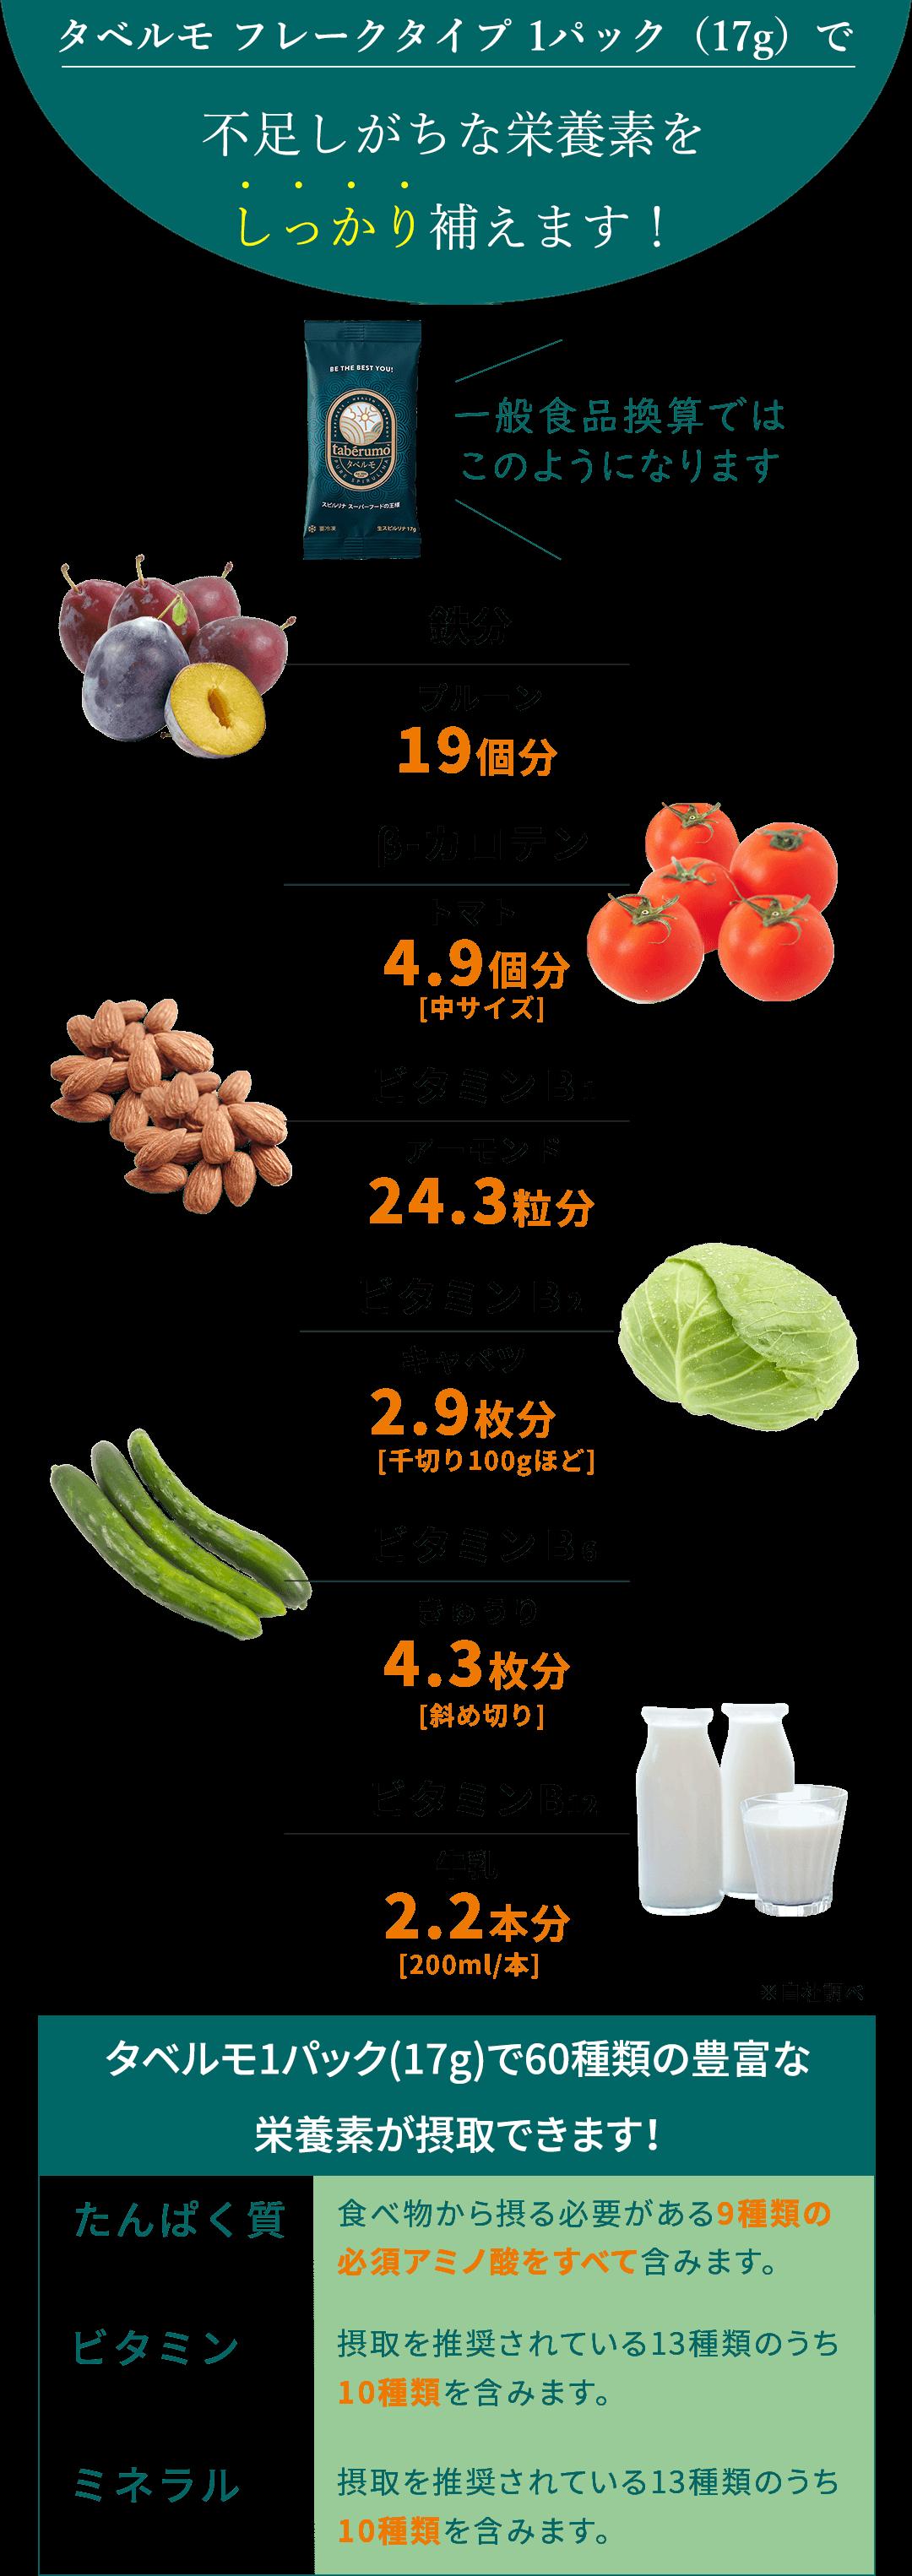 タベルモ フレーク 1パック(17g)の栄養換算